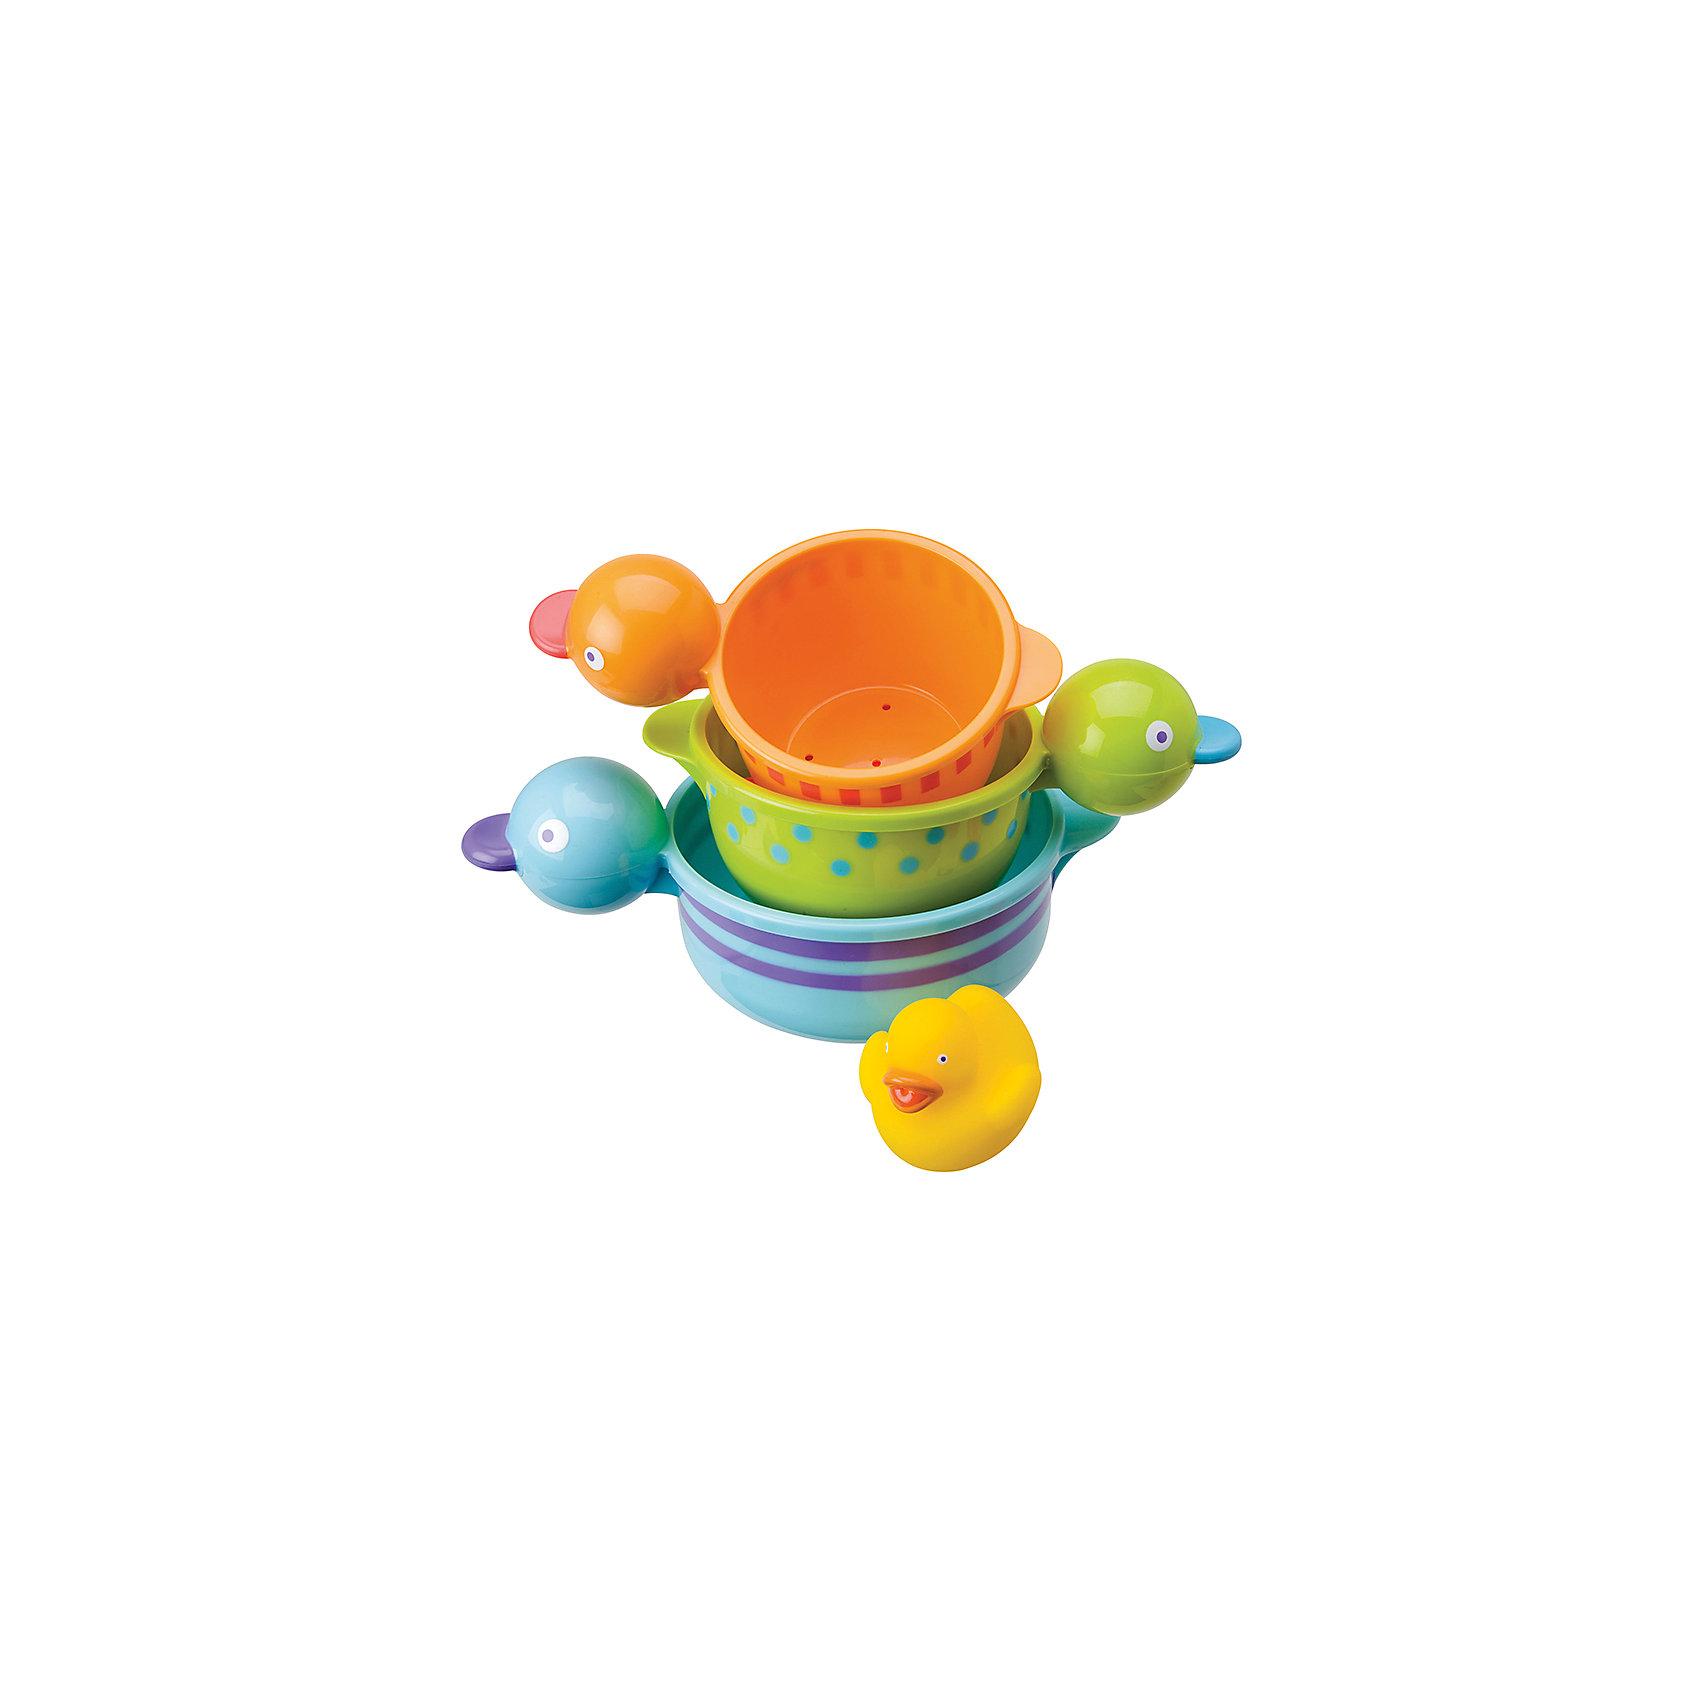 Набор для ванны Чашки-уточки, ALEXИгрушки ПВХ<br>Характеристики:<br><br>• для детей в возрасте: от 6 месяцев<br>• в комплекте: 3 чашки разного размера, утенок<br>• материал: высококачественная пластмасса, гигиеническая мягкая резина<br>• размер упаковки: 279х154х127 мм.<br>• вес: 378 гр.<br><br>Набор для ванны «Чашки-уточки», ALEX (АЛЕКС) превратит купание малыша в веселую игру. В набор входит желтый резиновый утенок и 3 забавные разноцветные пластиковые чашечки в виде уточек. Чашки, как настоящие уточки, могут плавать по воде. Их можно собирать в пирамидку. Кроме того, каждая чашка имеет удобную для хватания, ручку в форме головы утки. Все элементы набора выполнены в ярких красках.<br>Набор для ванны «Чашки-уточки» развивает воображение, цветовосприятие, мелкую моторику, а также помогает ребенку справиться с боязнью воды.<br><br>Набор для ванны Чашки-уточки, ALEX (АЛЕКС) можно купить в нашем интернет-магазине.<br><br>Ширина мм: 279<br>Глубина мм: 254<br>Высота мм: 127<br>Вес г: 378<br>Возраст от месяцев: 6<br>Возраст до месяцев: 2147483647<br>Пол: Унисекс<br>Возраст: Детский<br>SKU: 6725327